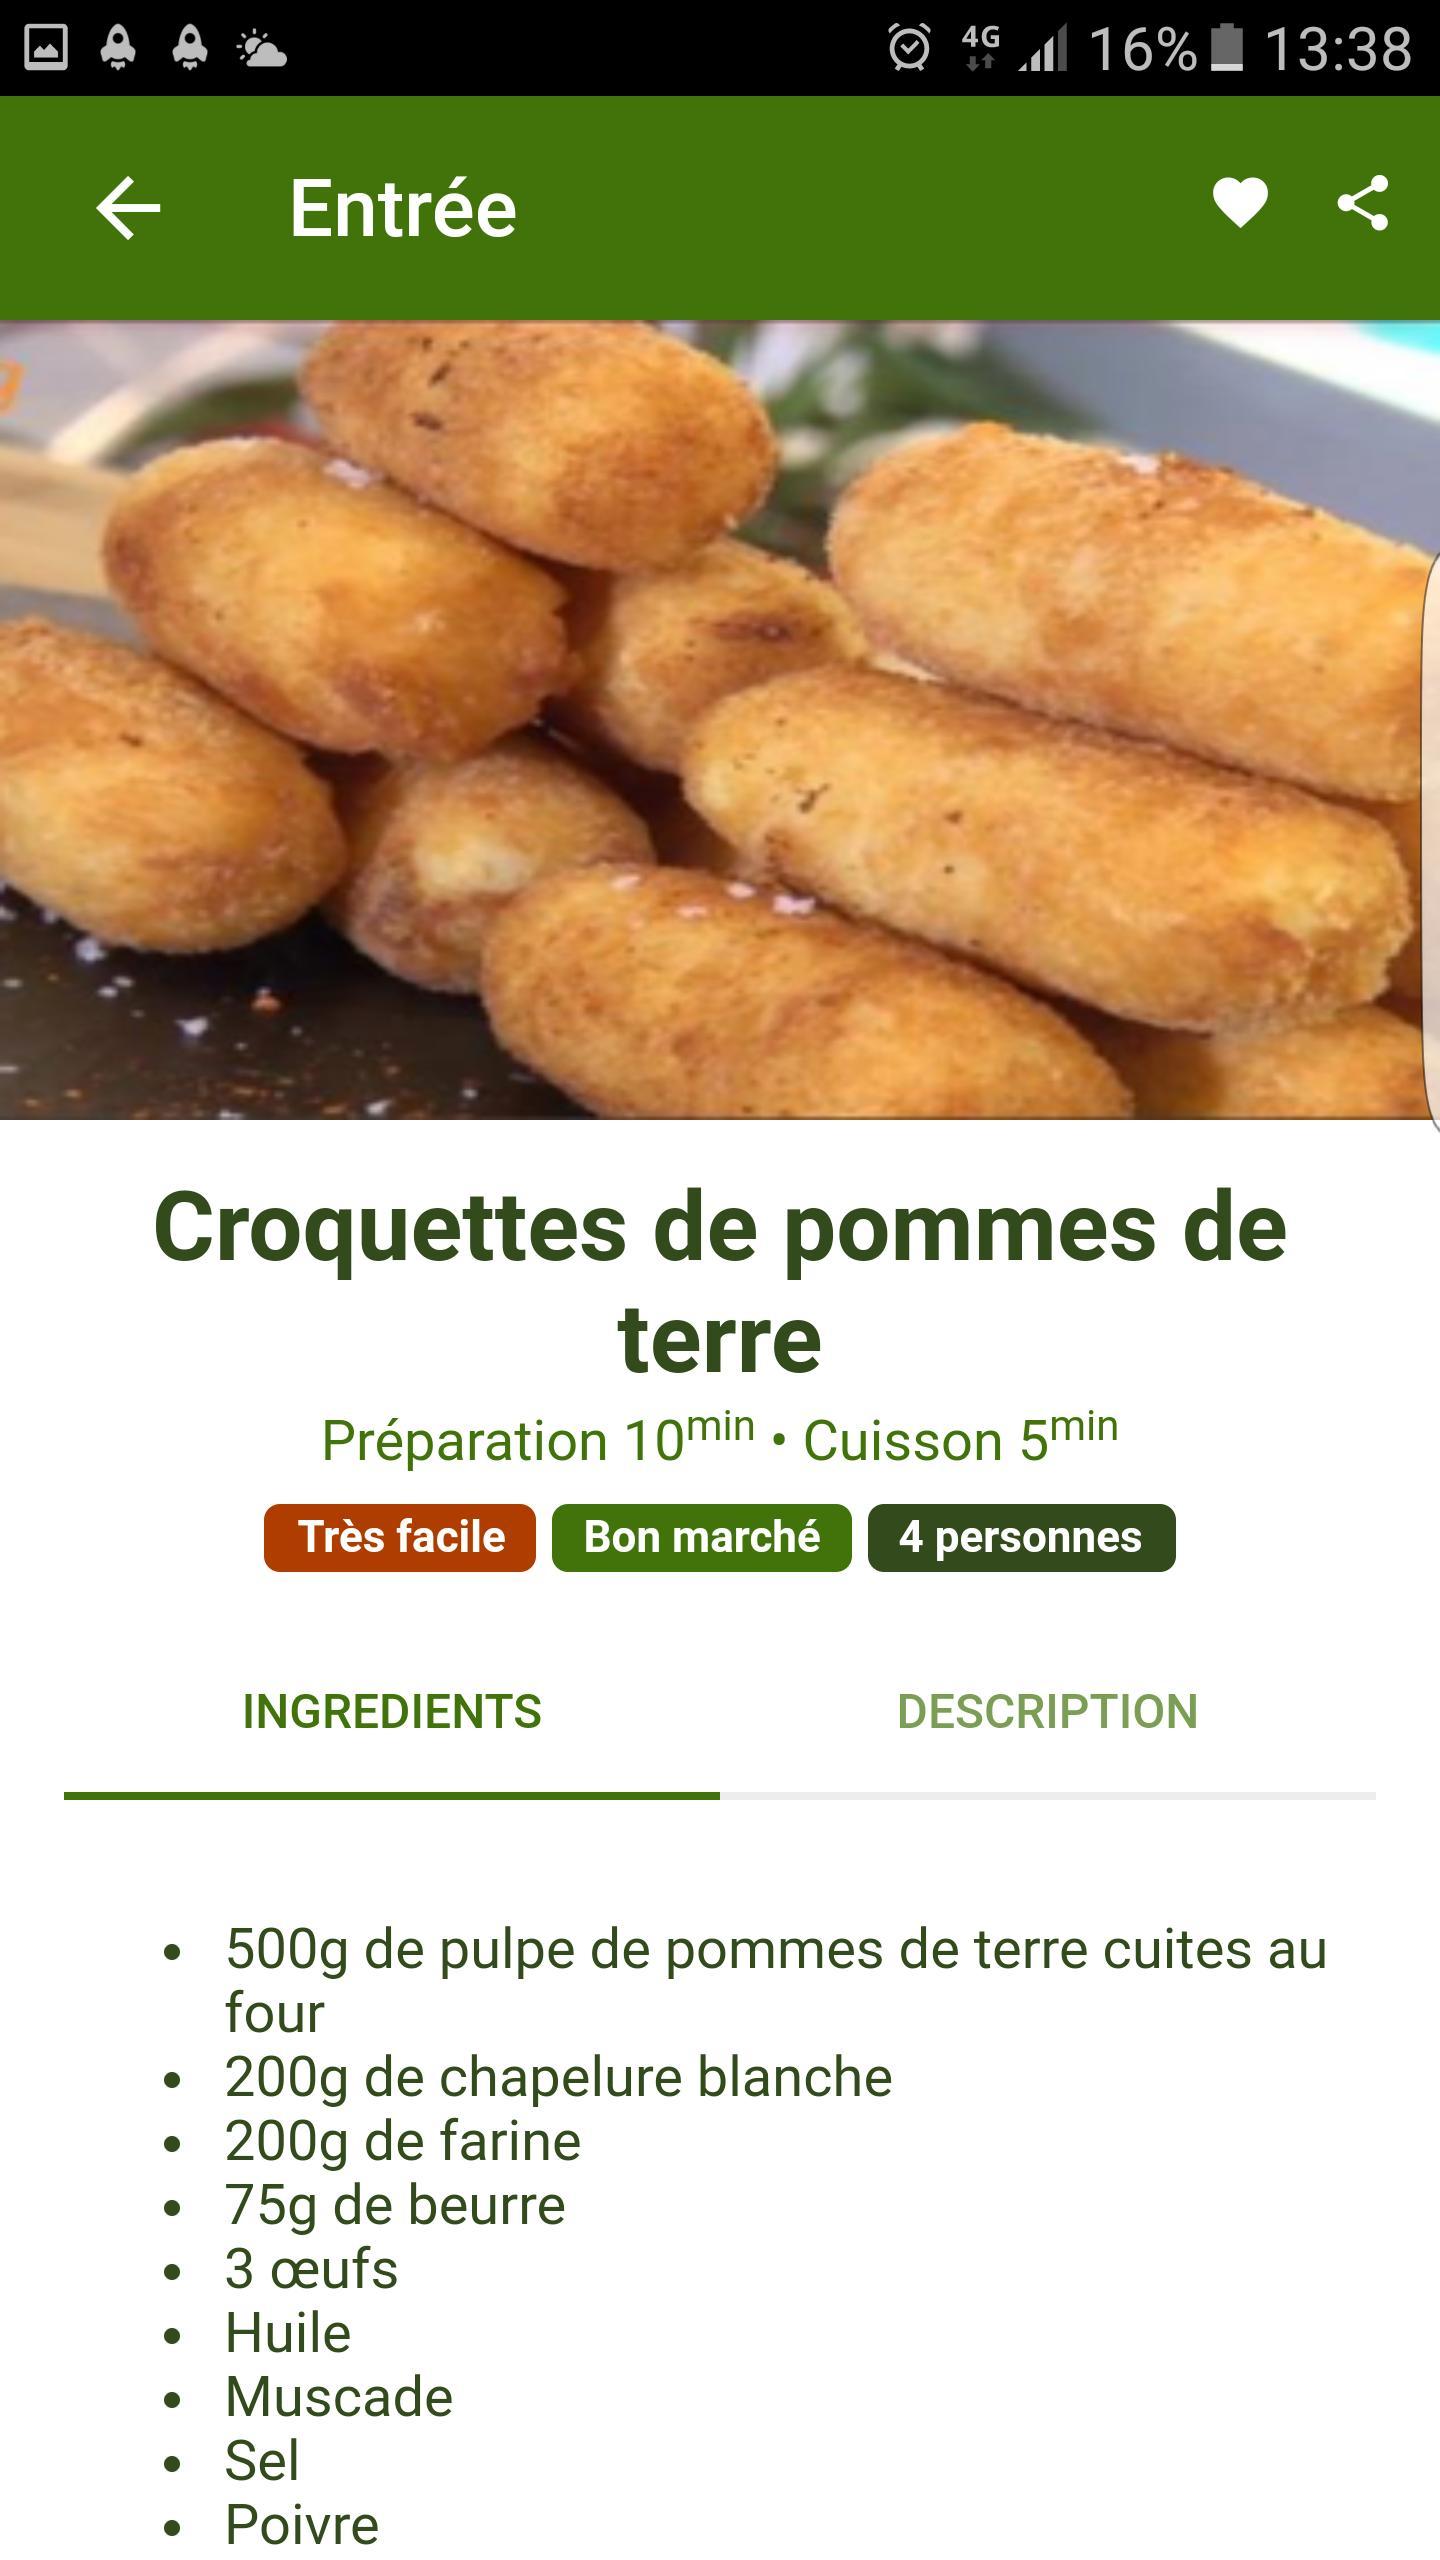 Croquette De Jambon Au Four recettes pomme de terre for android - apk download